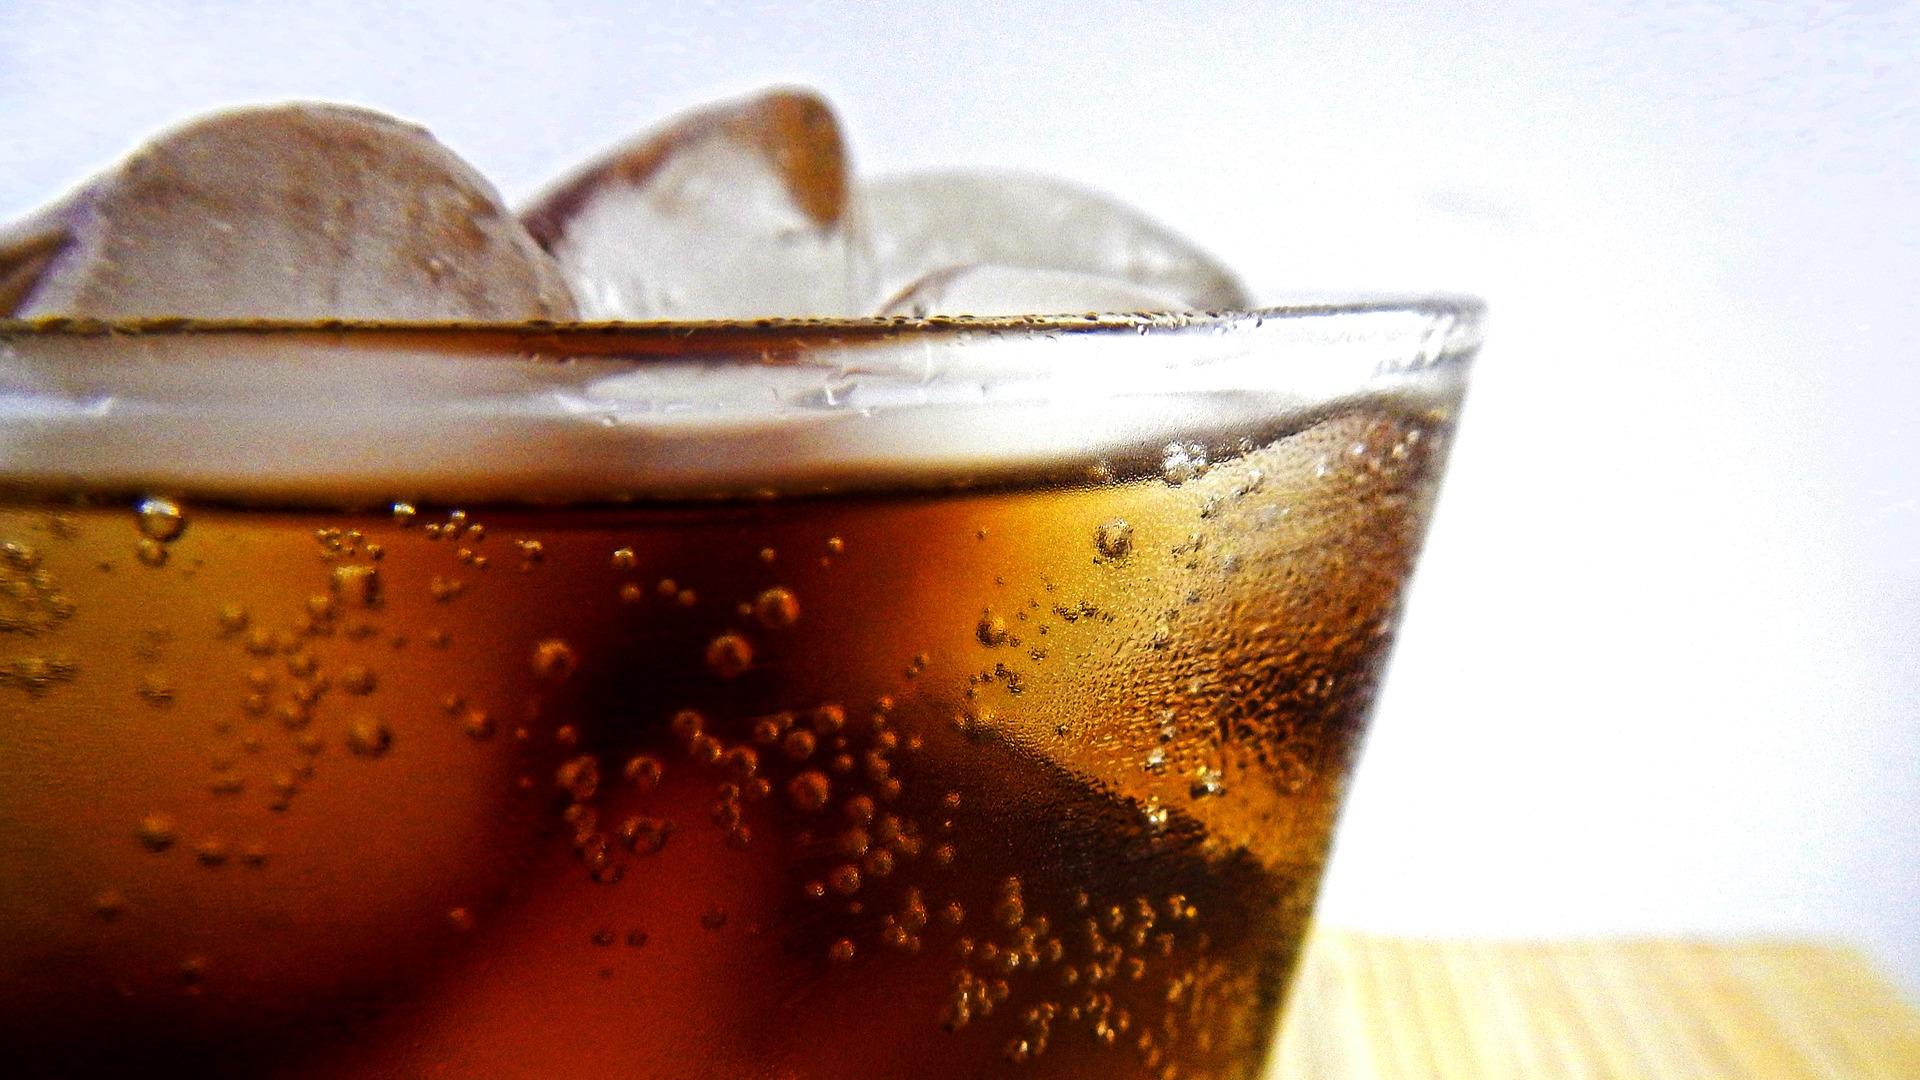 las-bebidas-muy-frias-producen-dolor-de-cabeza-1920